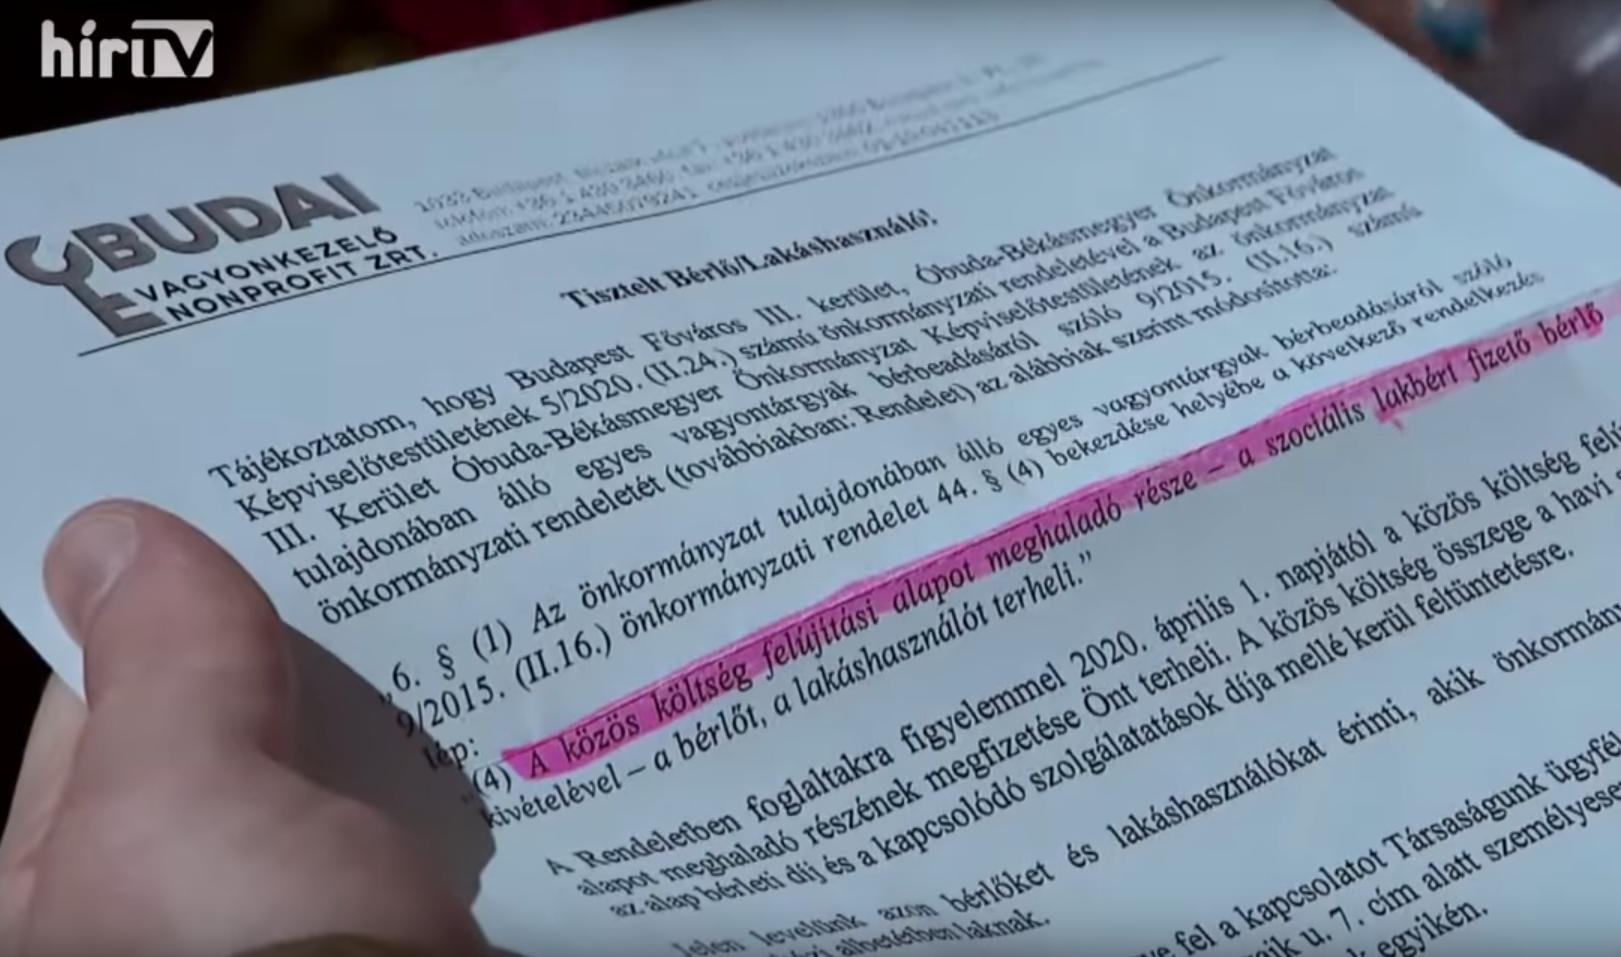 hirtv_budapest_sracok_video_nyito.png